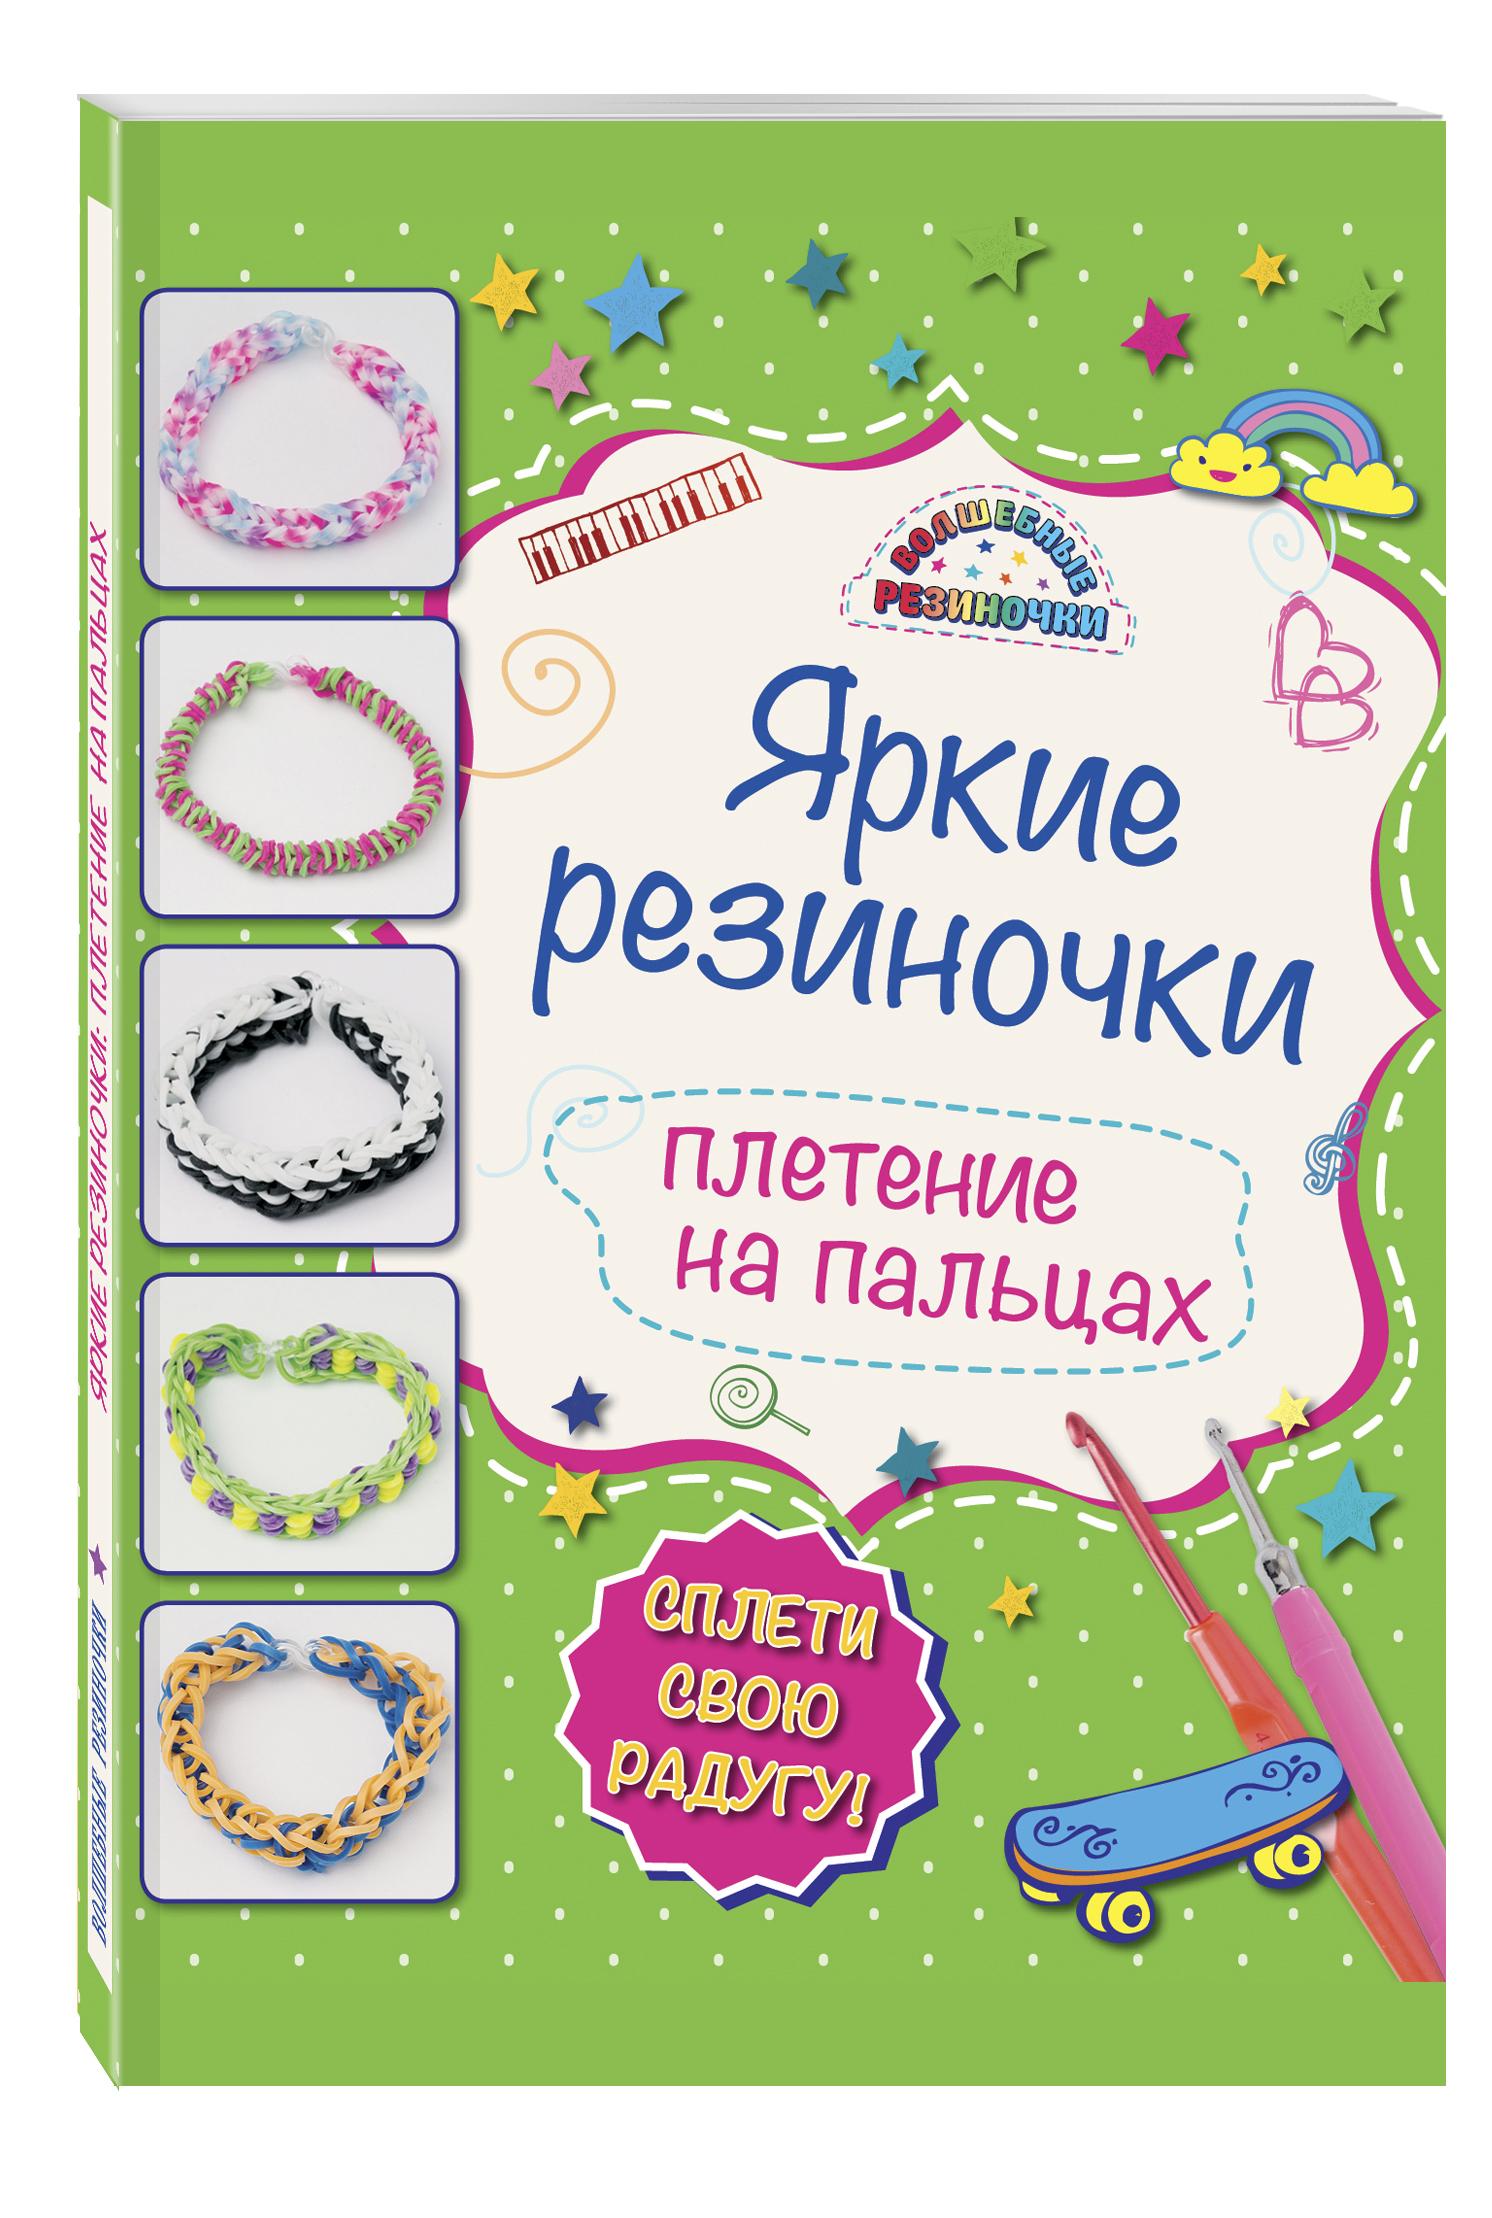 Ксения Скуратович Яркие резиночки: плетение на пальцах шляхов а география на пальцах